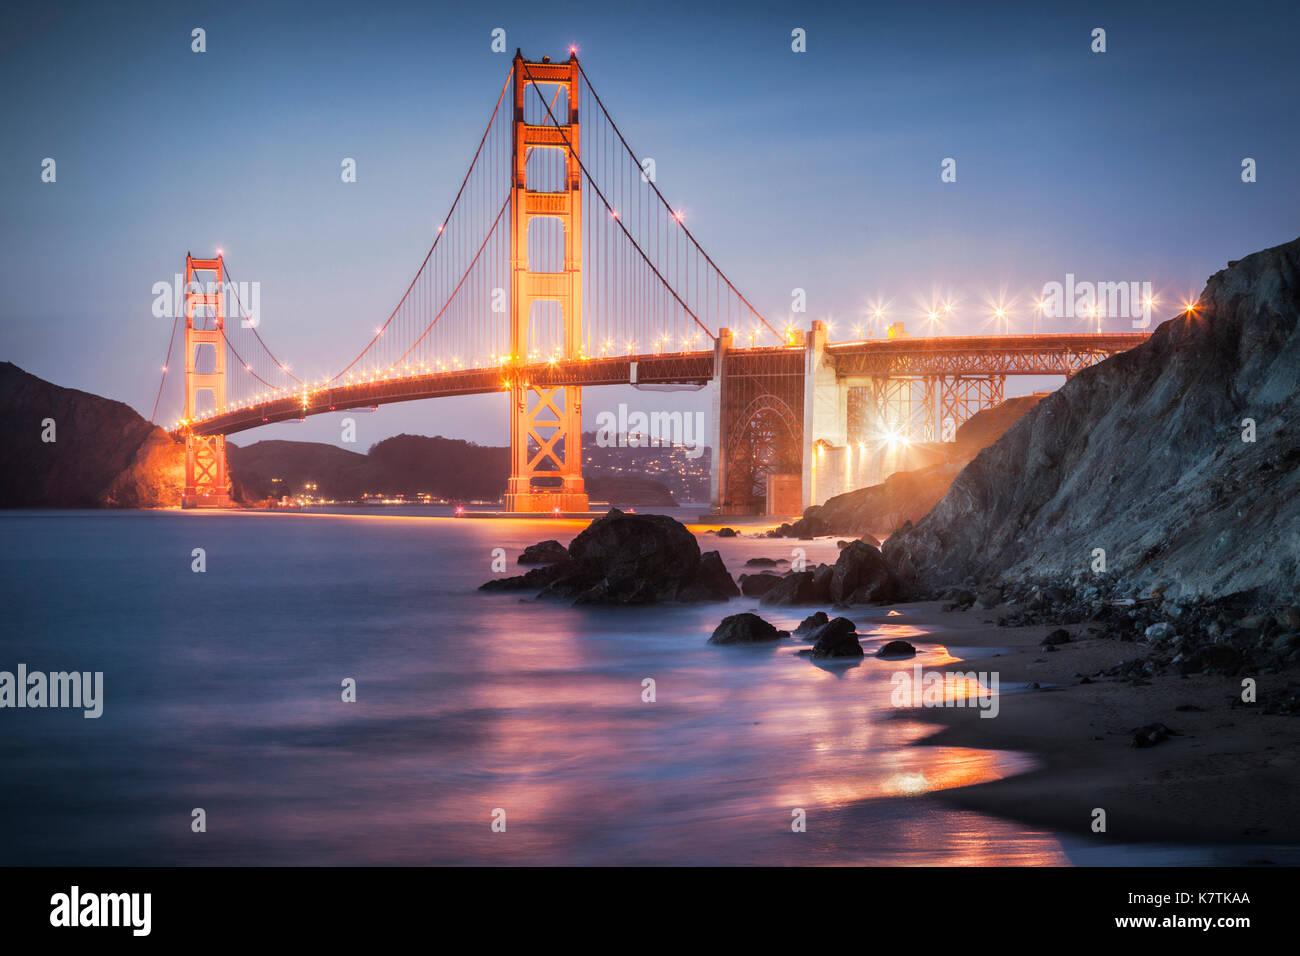 Il Golden Gate Bridge di San Francisco, accesa dopo il tramonto. Immagini Stock